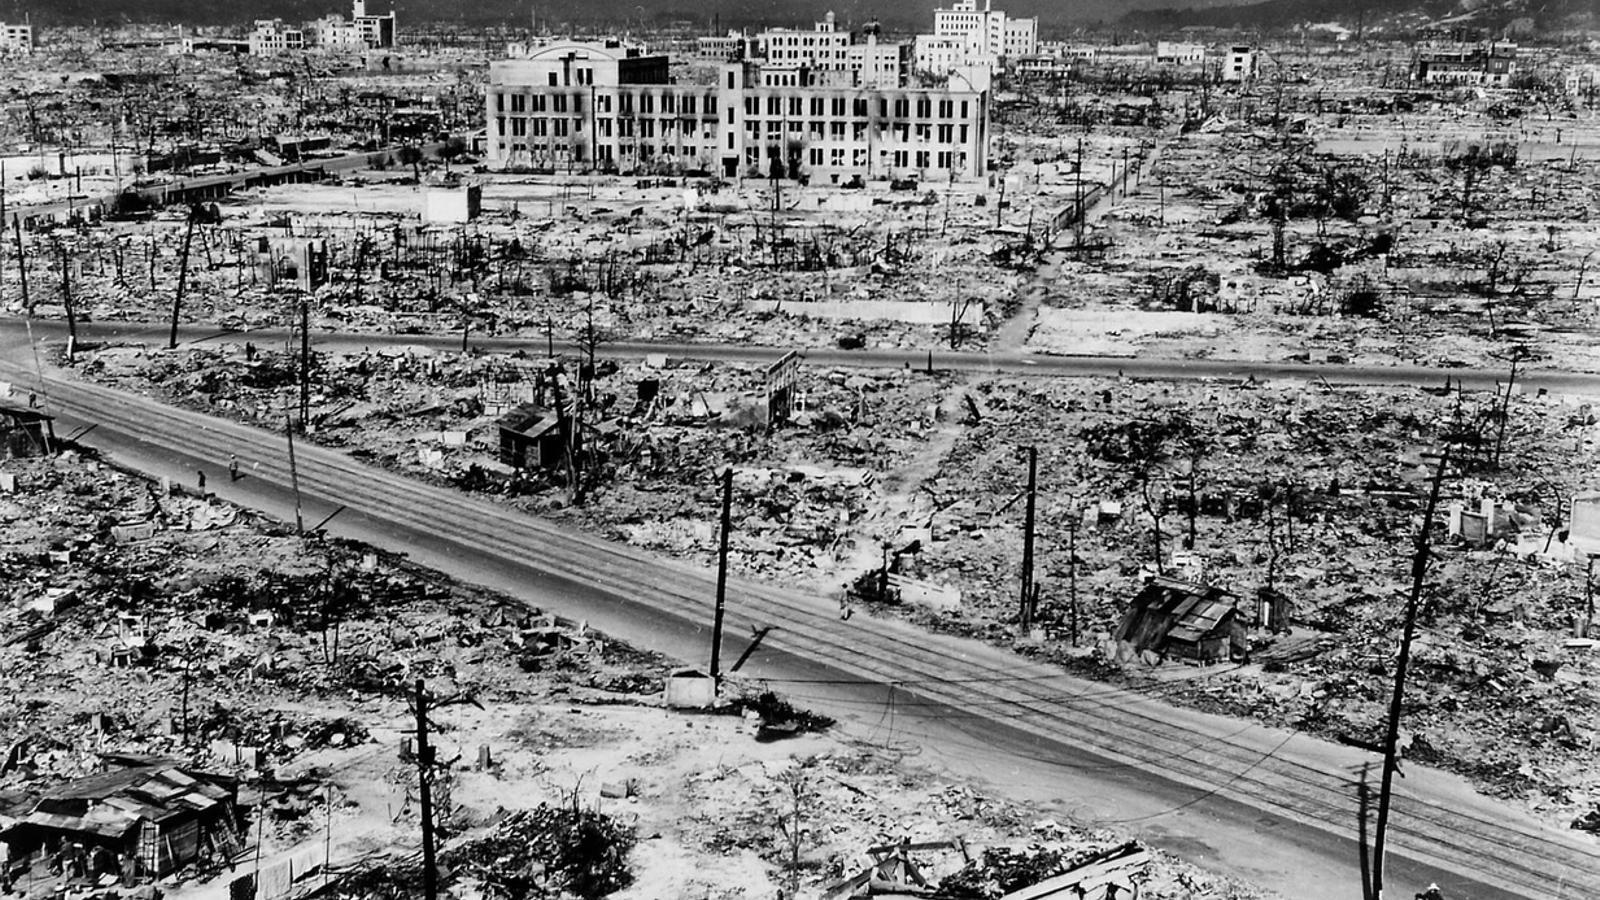 La bomba va destruir 12 quilòmetres quadrats d'Hiroshima.